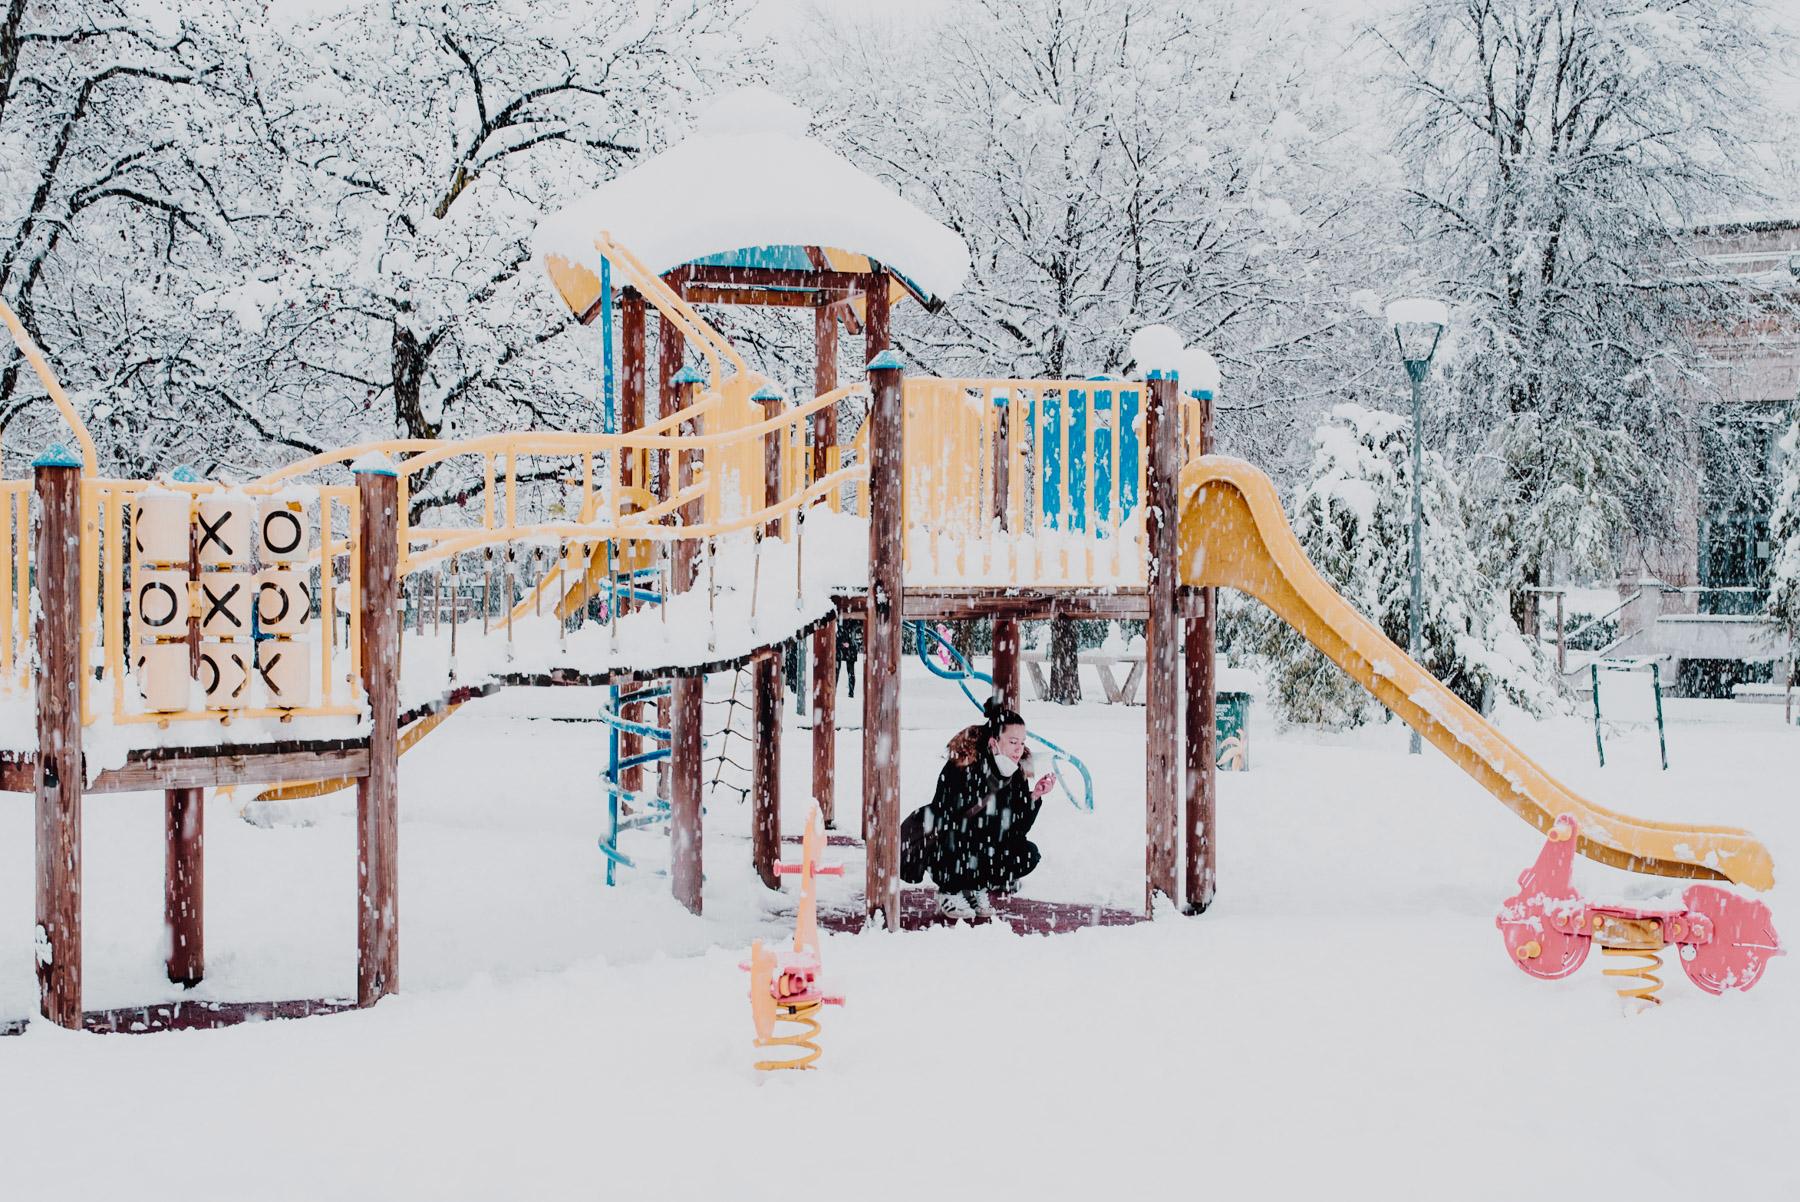 Snow in Milan on December 2020, a girl shields from the snow below the play area in a park, nevicata a Milano il 28 dicembre 2020, una ragazza cerca riparo dalla neve sotto lo scivolo dell'area giochi per bambini al parco Formentano presso Largo Marinai d'Italia